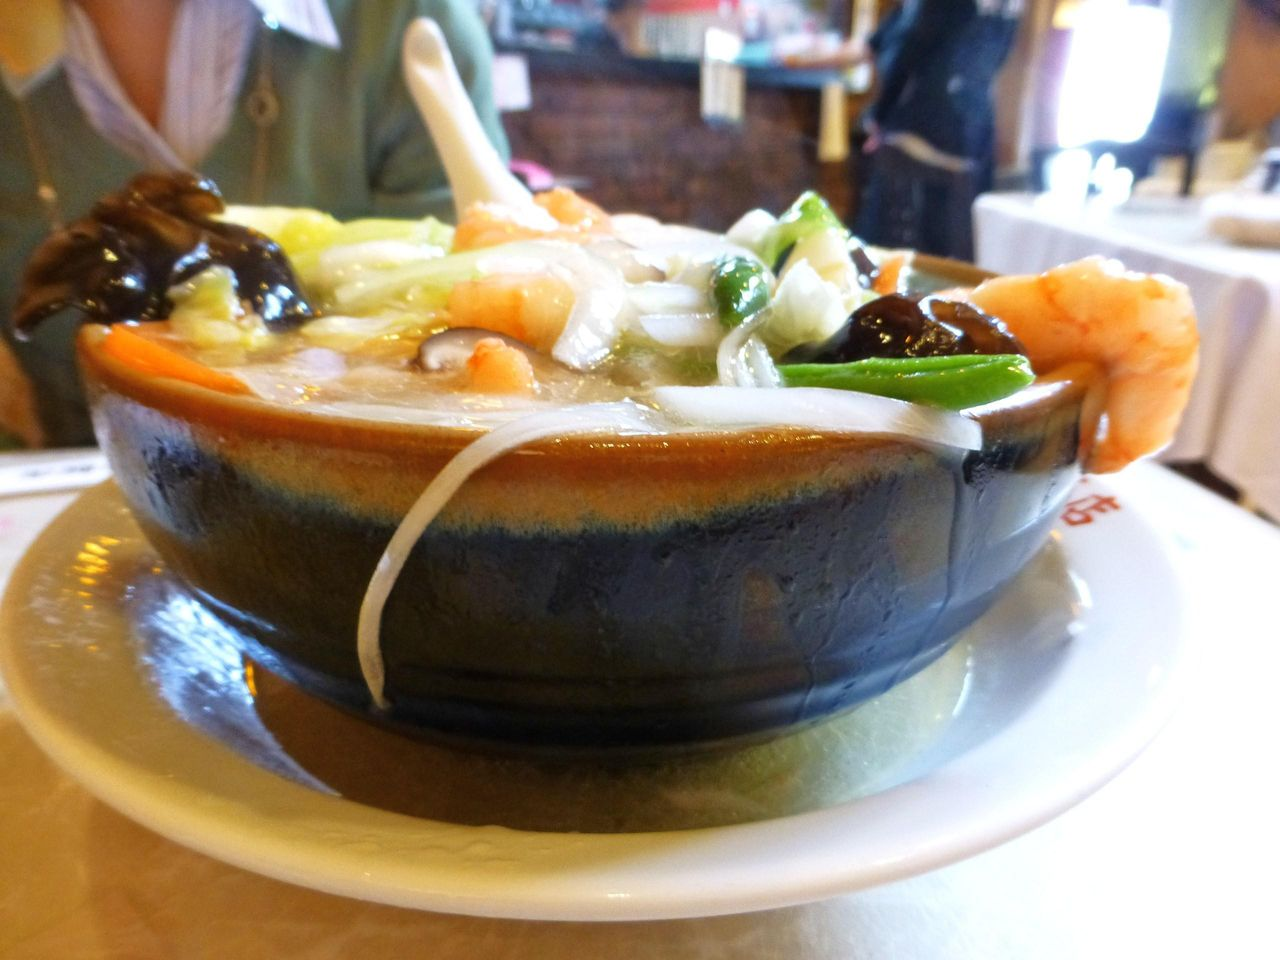 こちらもスープが溢れて、源泉かけ流し状態!